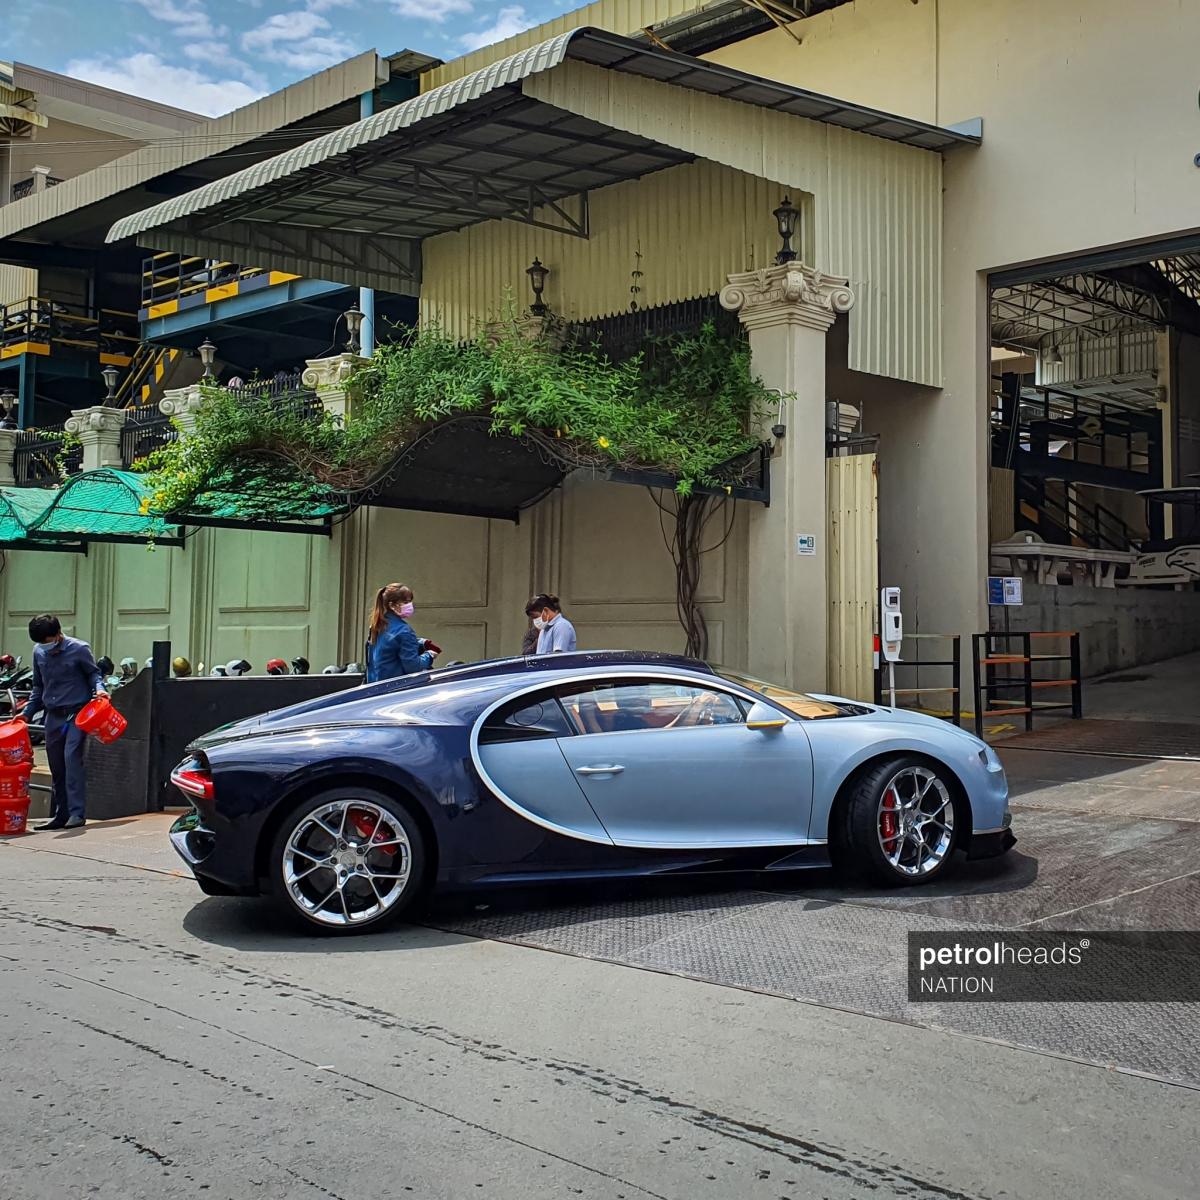 Chiếc Bugatti Chiron thứ ba đặt chân đến Campuchia sở hữu ngoại thất hai tông màu đẹp mắt. Nửa thân xe trước sơn màu xanh nhạt trong khi nửa thân sau có được sắc xanh đậm hơn.